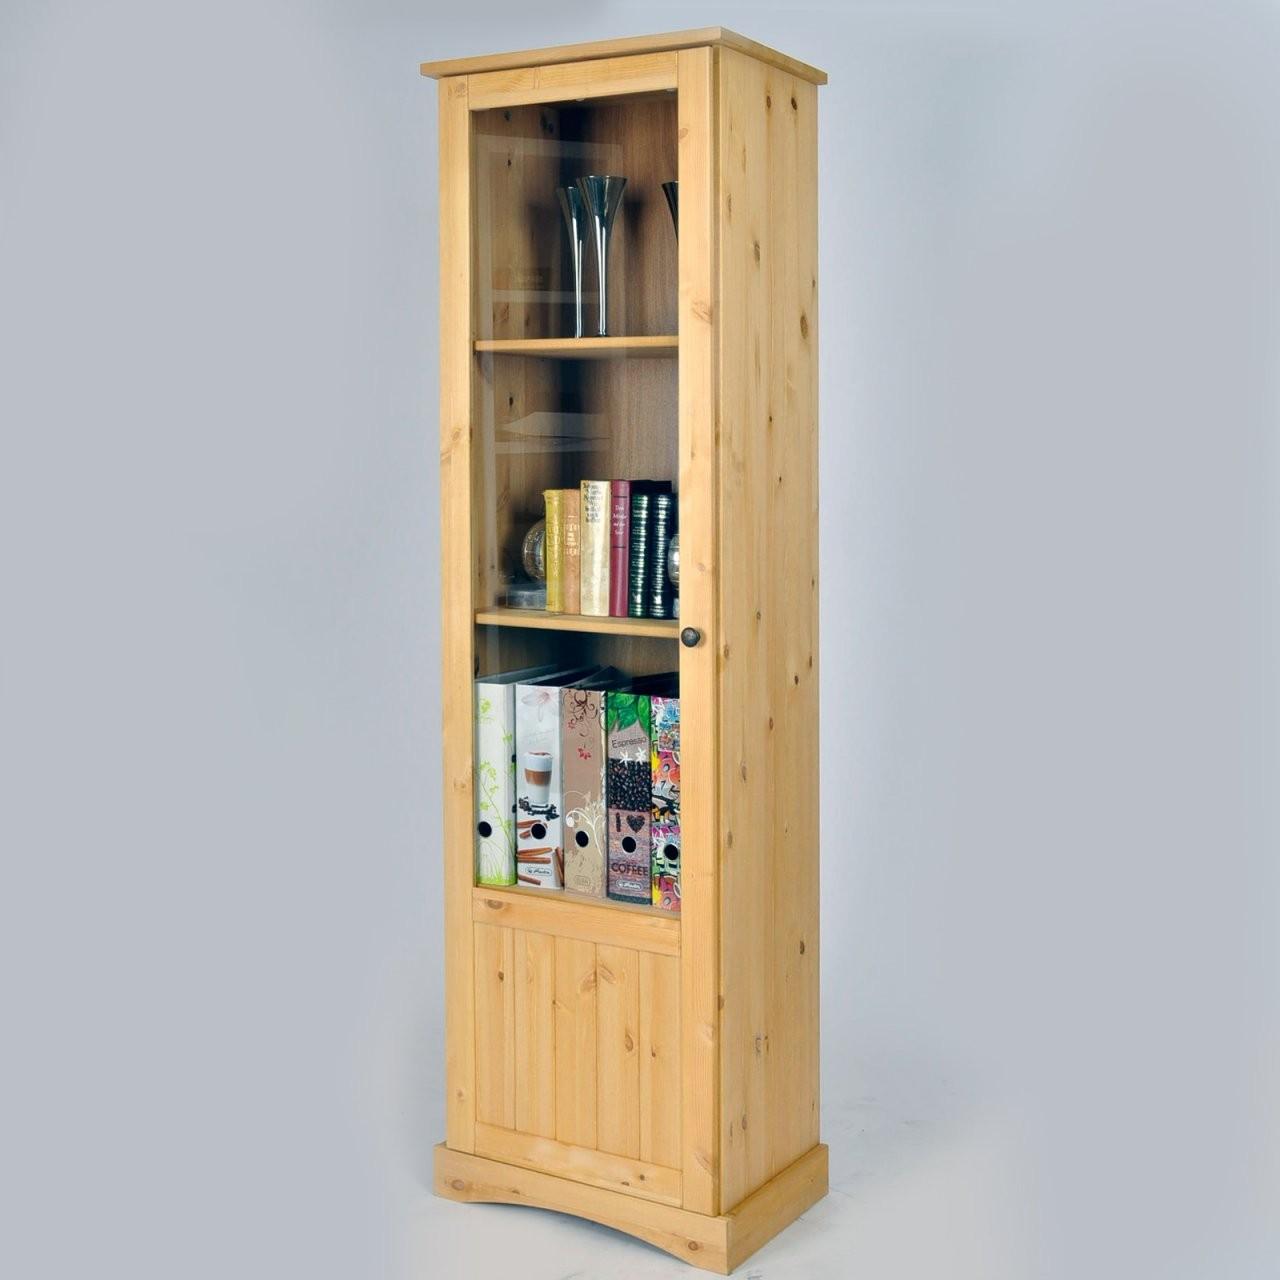 Dkwohnen  Online Möbelshop Bis Zu 70% Günstiger Kostenloser von Vitrine Kiefer Gelaugt Geölt Bild